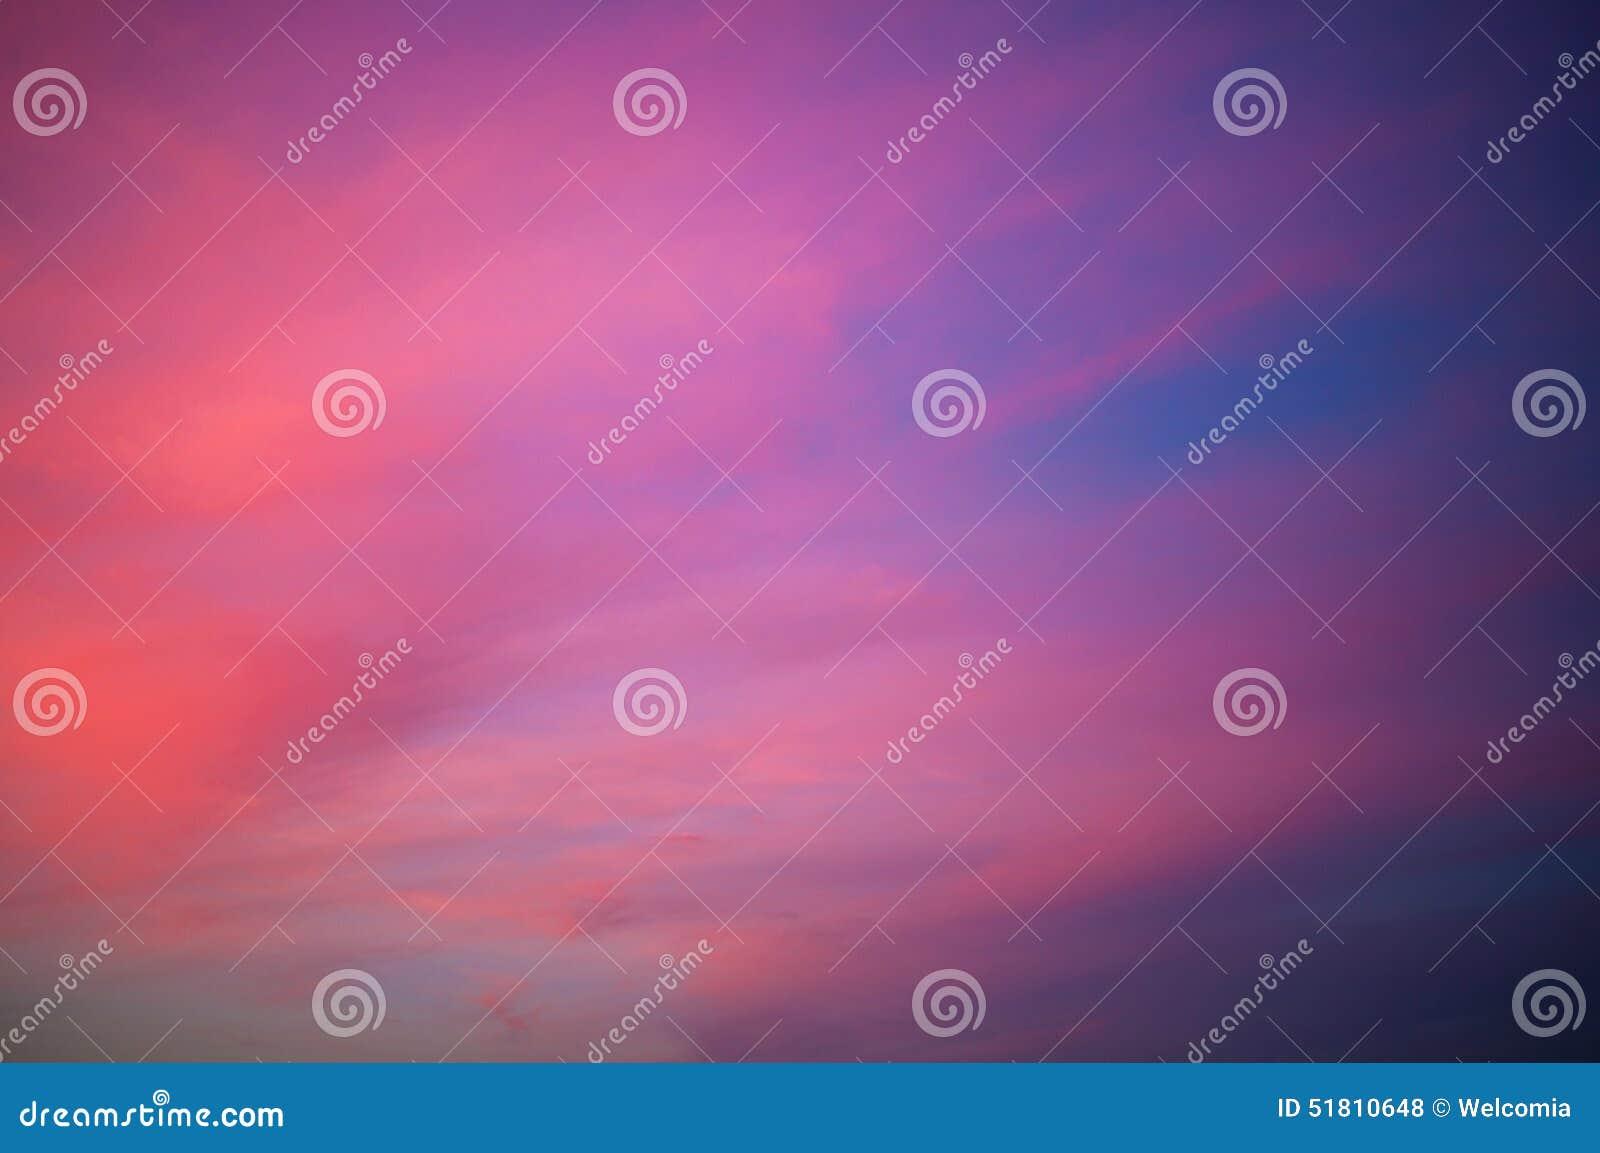 Pinky Sunset Sky Background